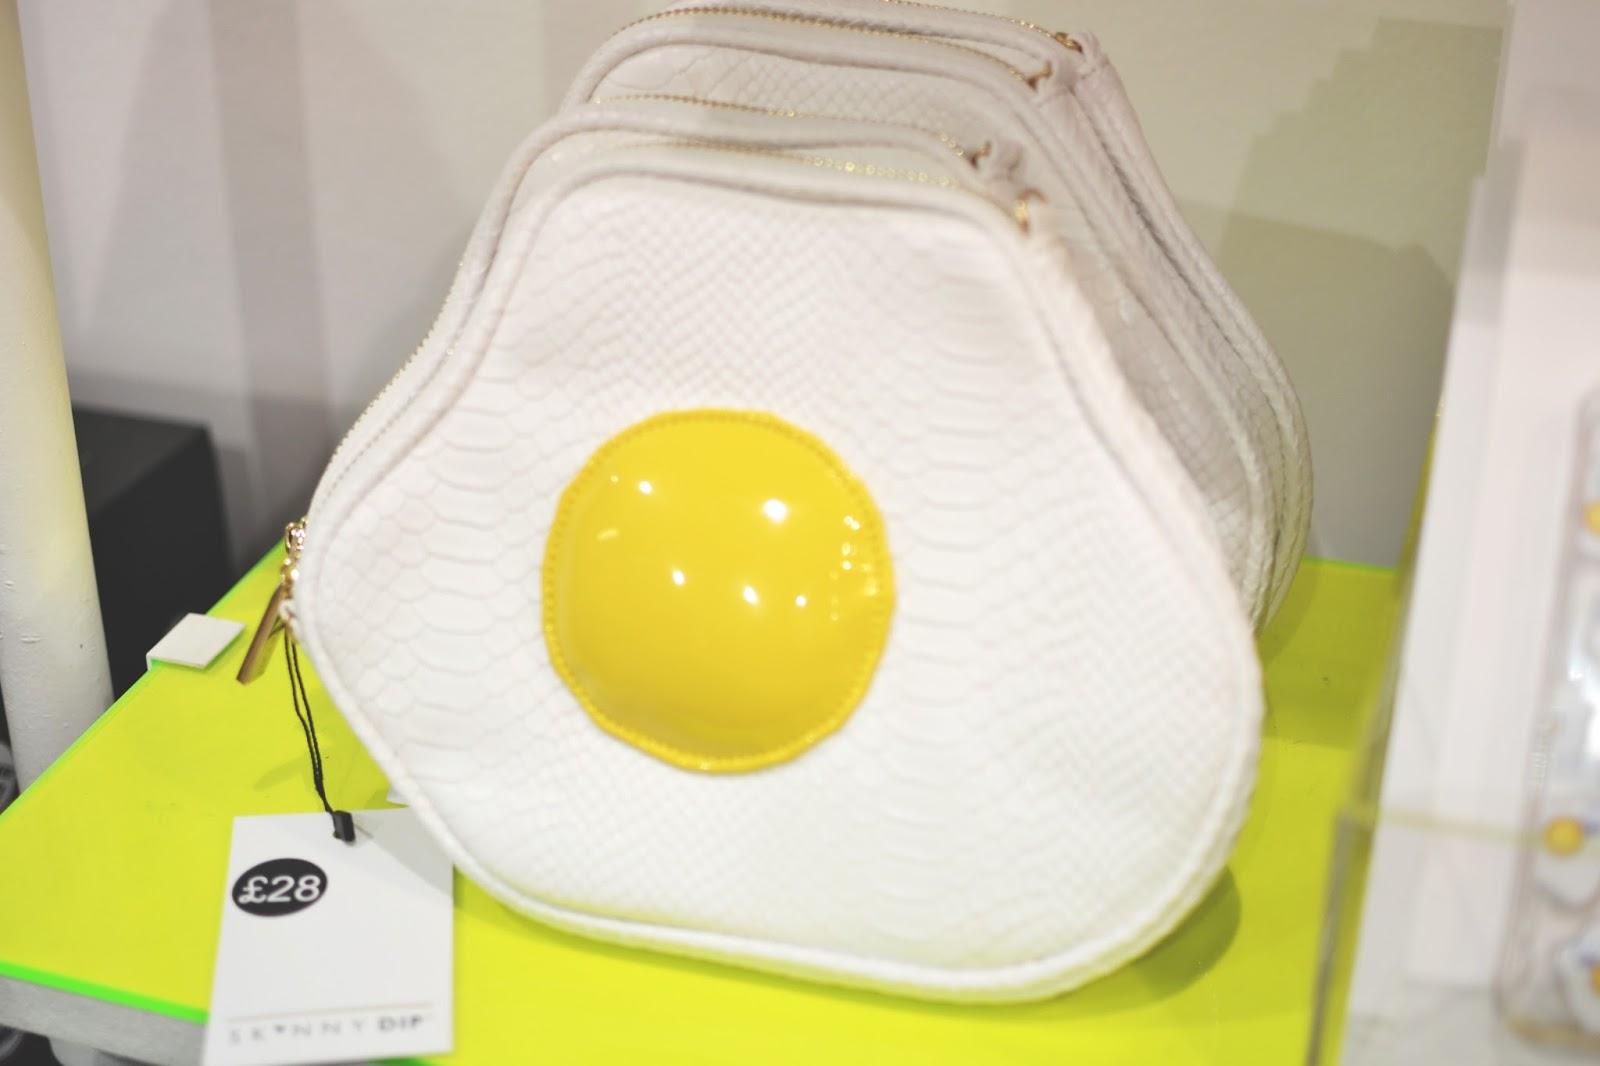 fried egg clutch bag, novelty bags